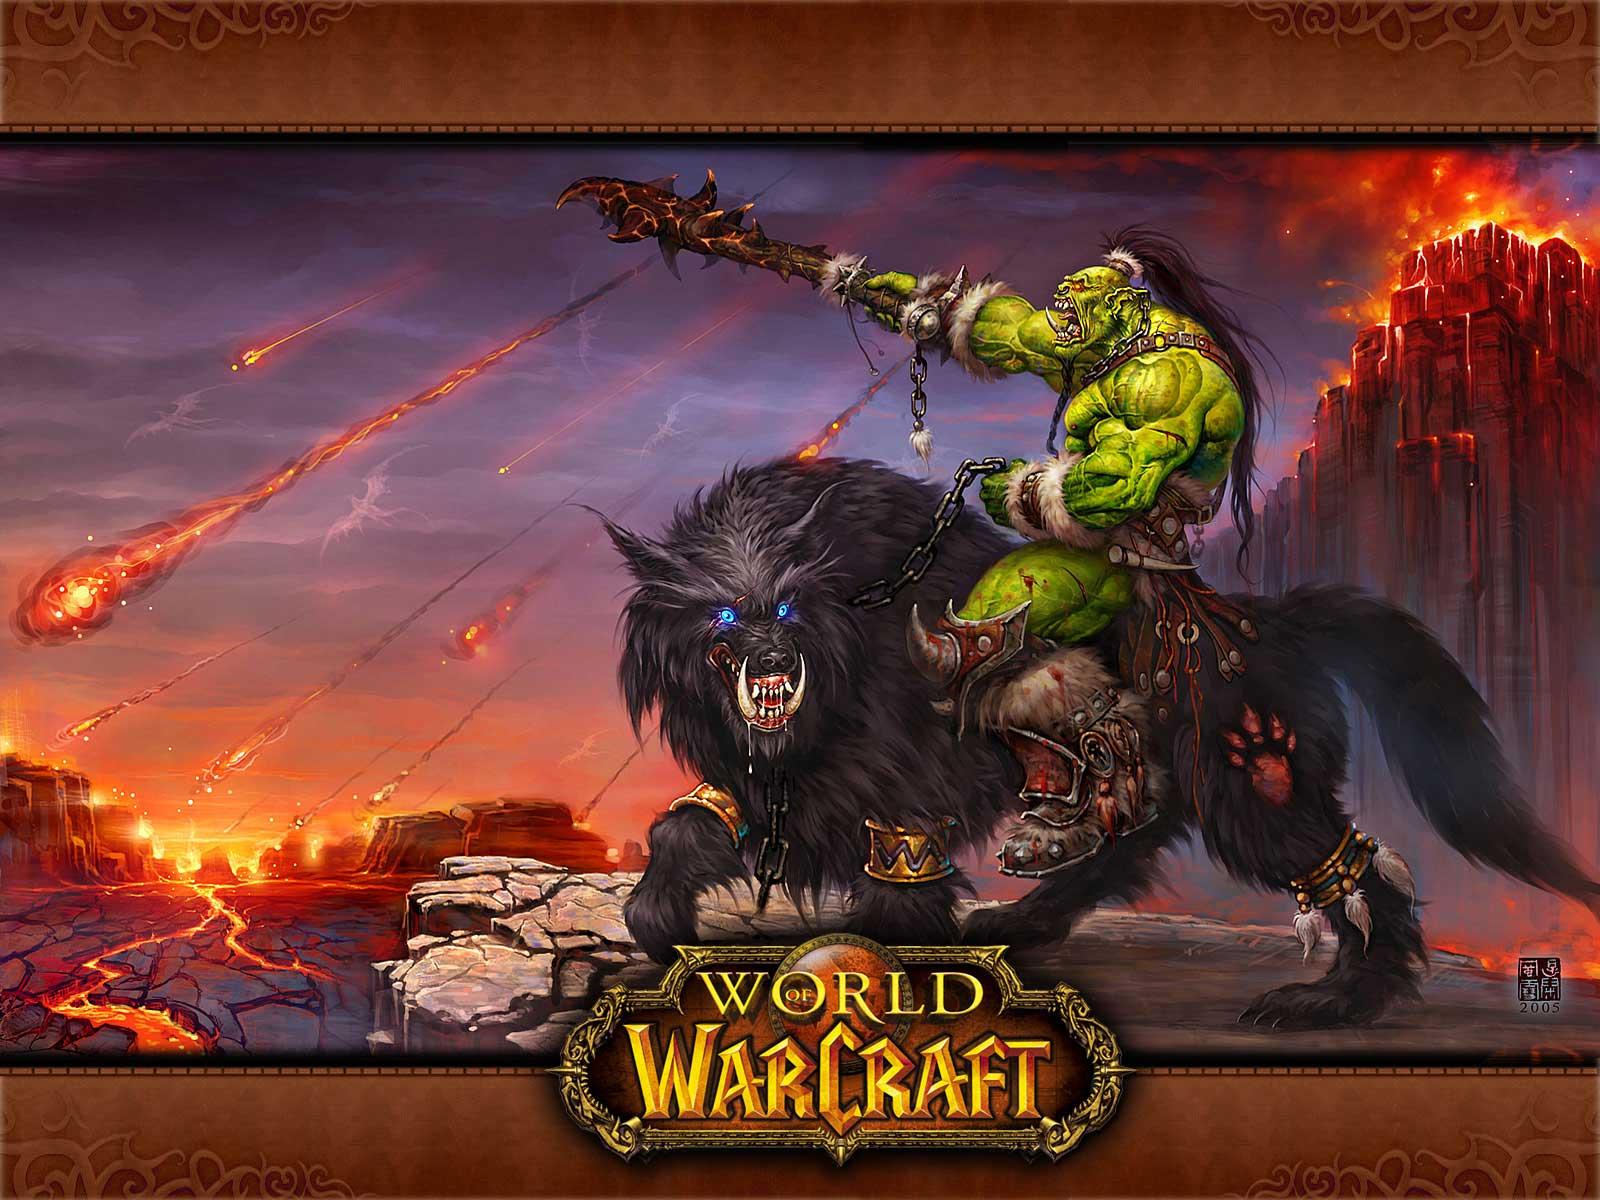 Los 25 mejores juegos de mundos virtuales!(MMOs)